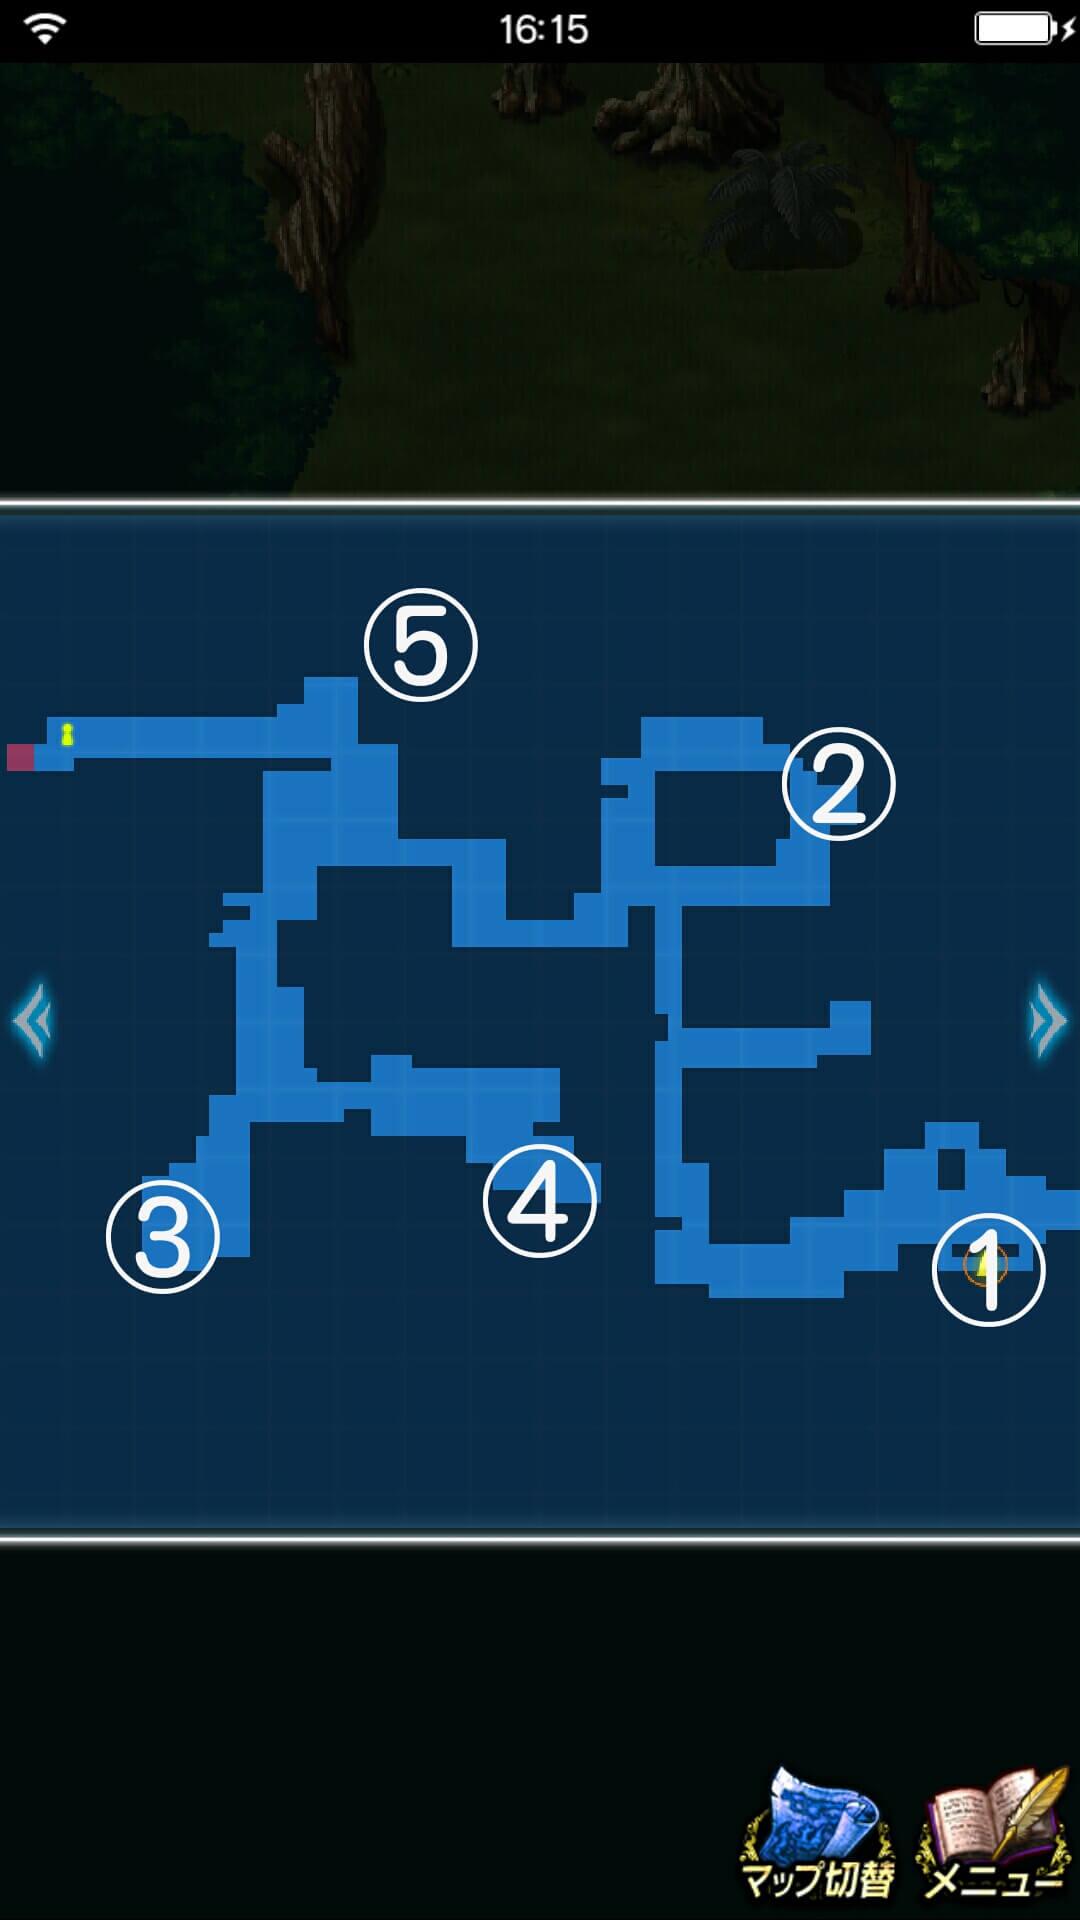 幻のチョコチョコボを守れ!探索マップ3